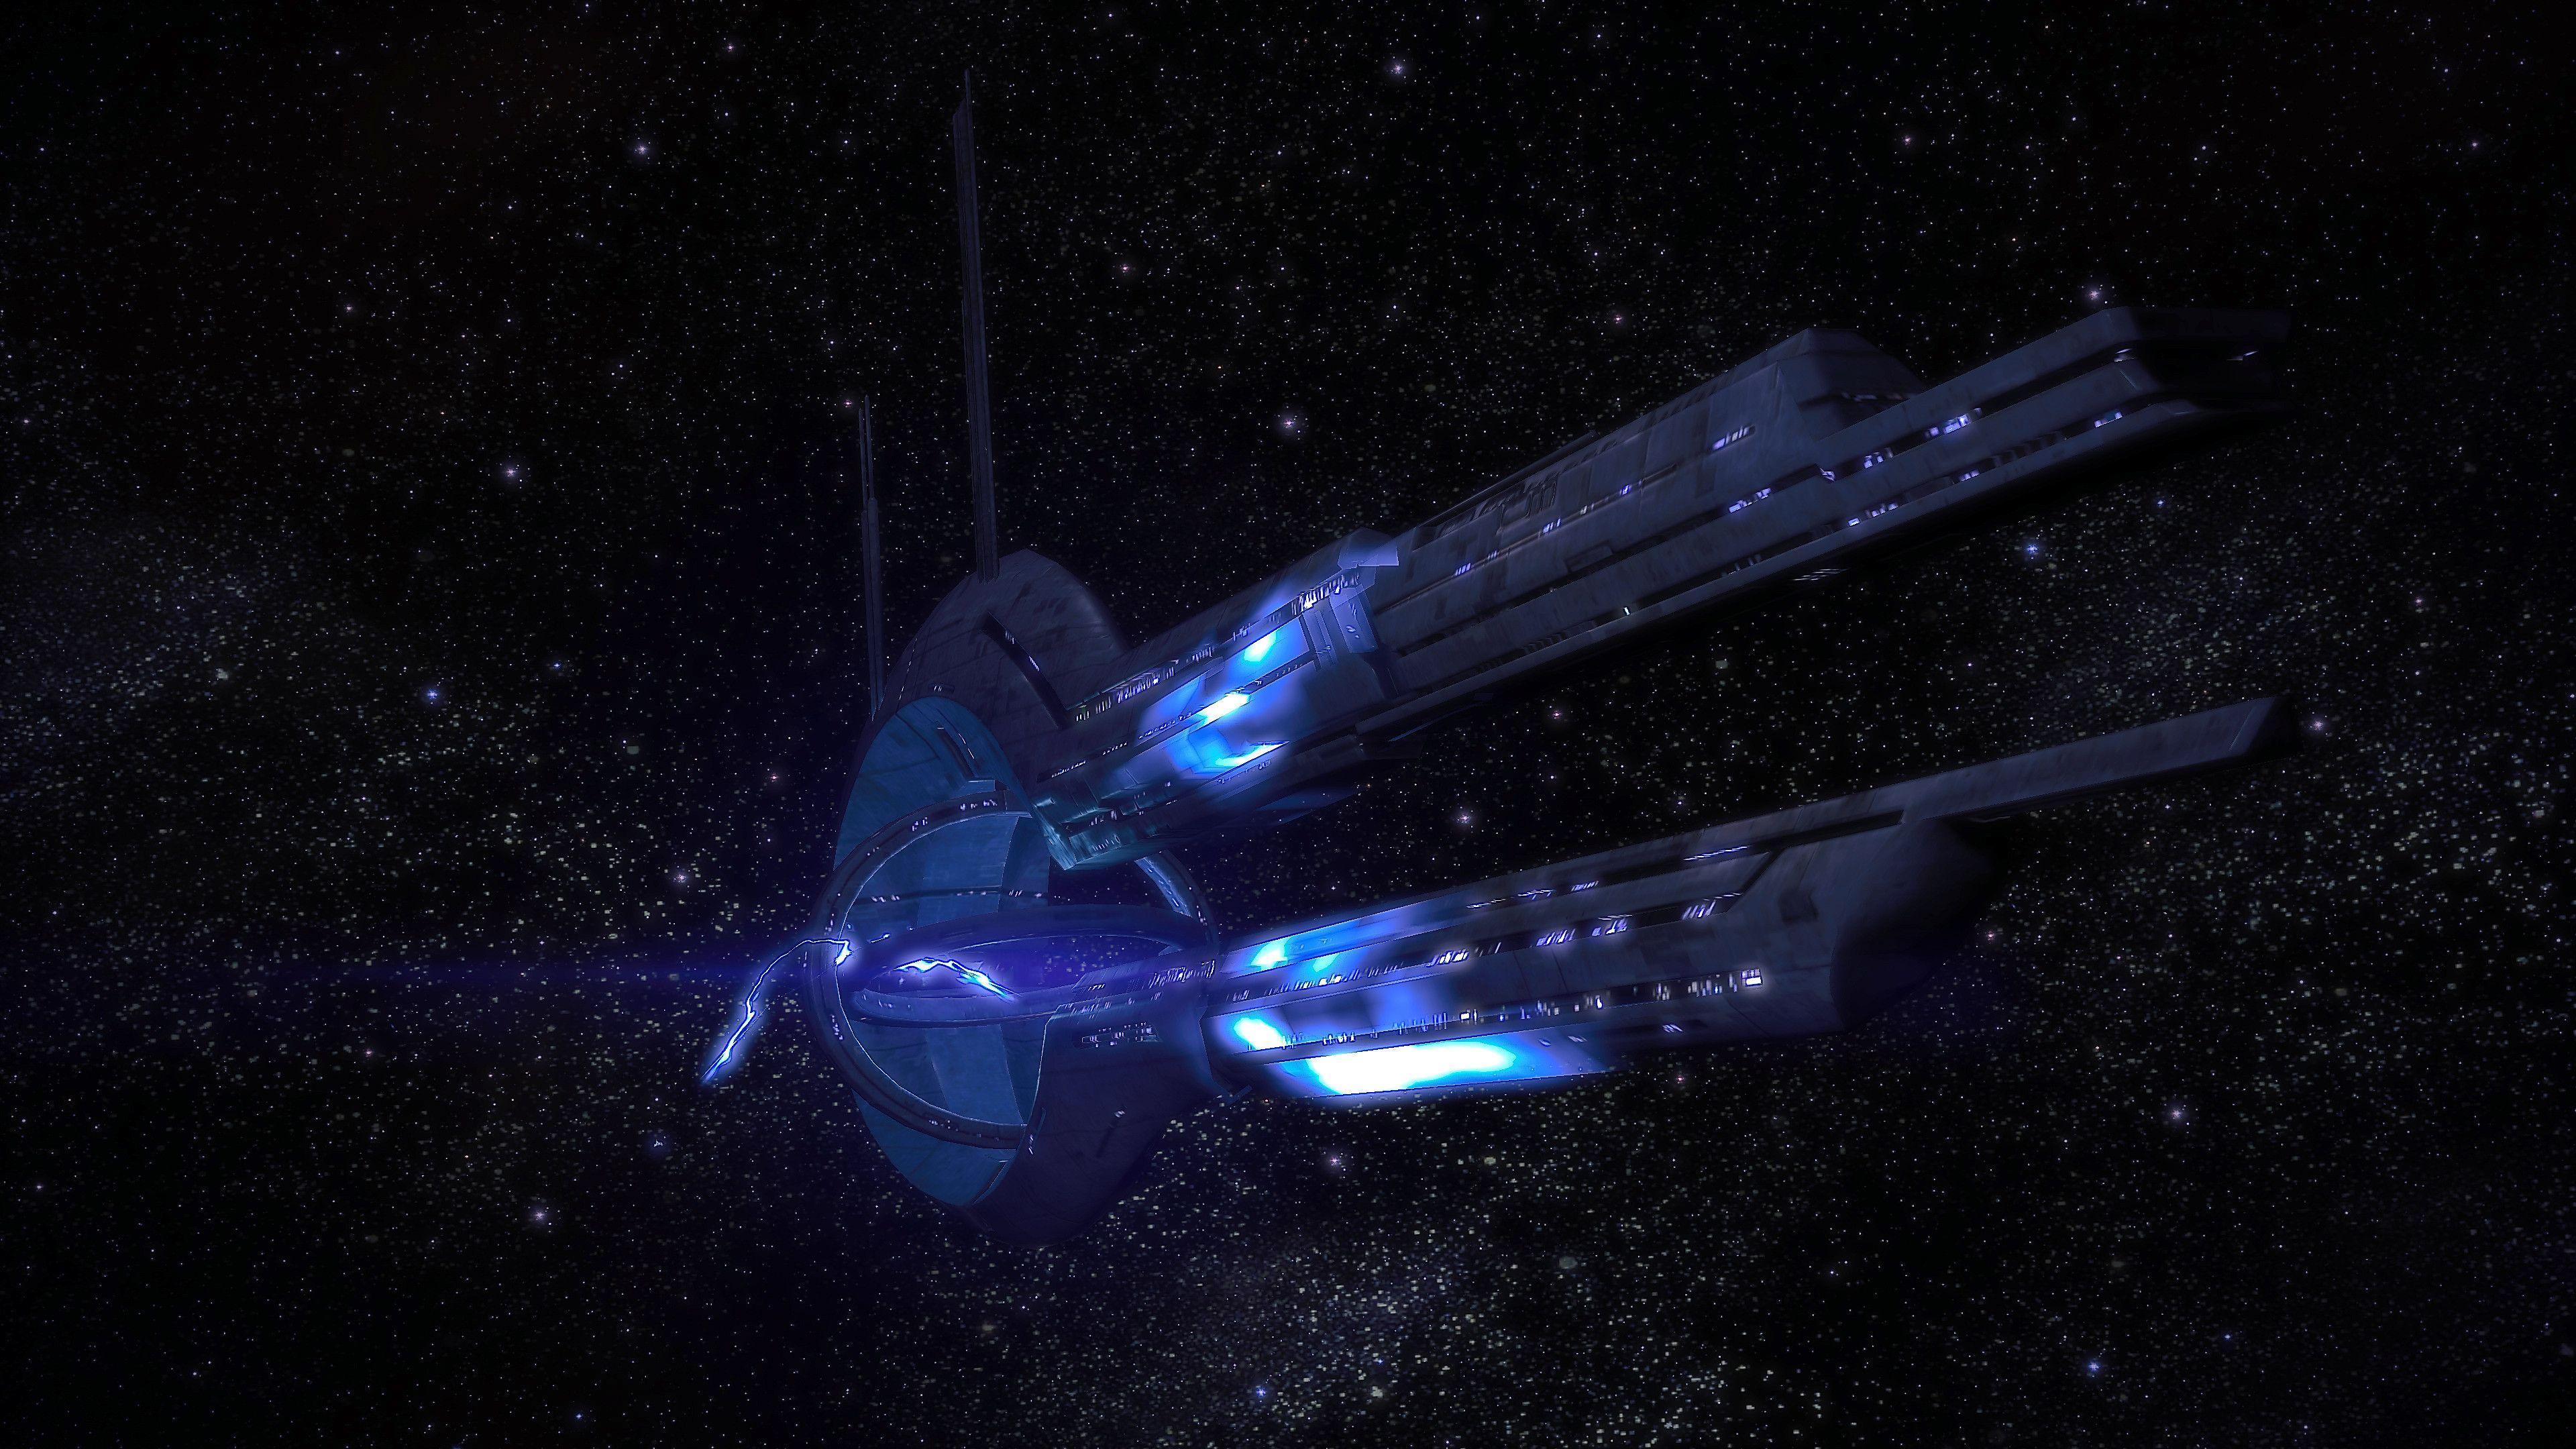 Mass Effect 4K Wallpapers - Top Free Mass Effect 4K ...